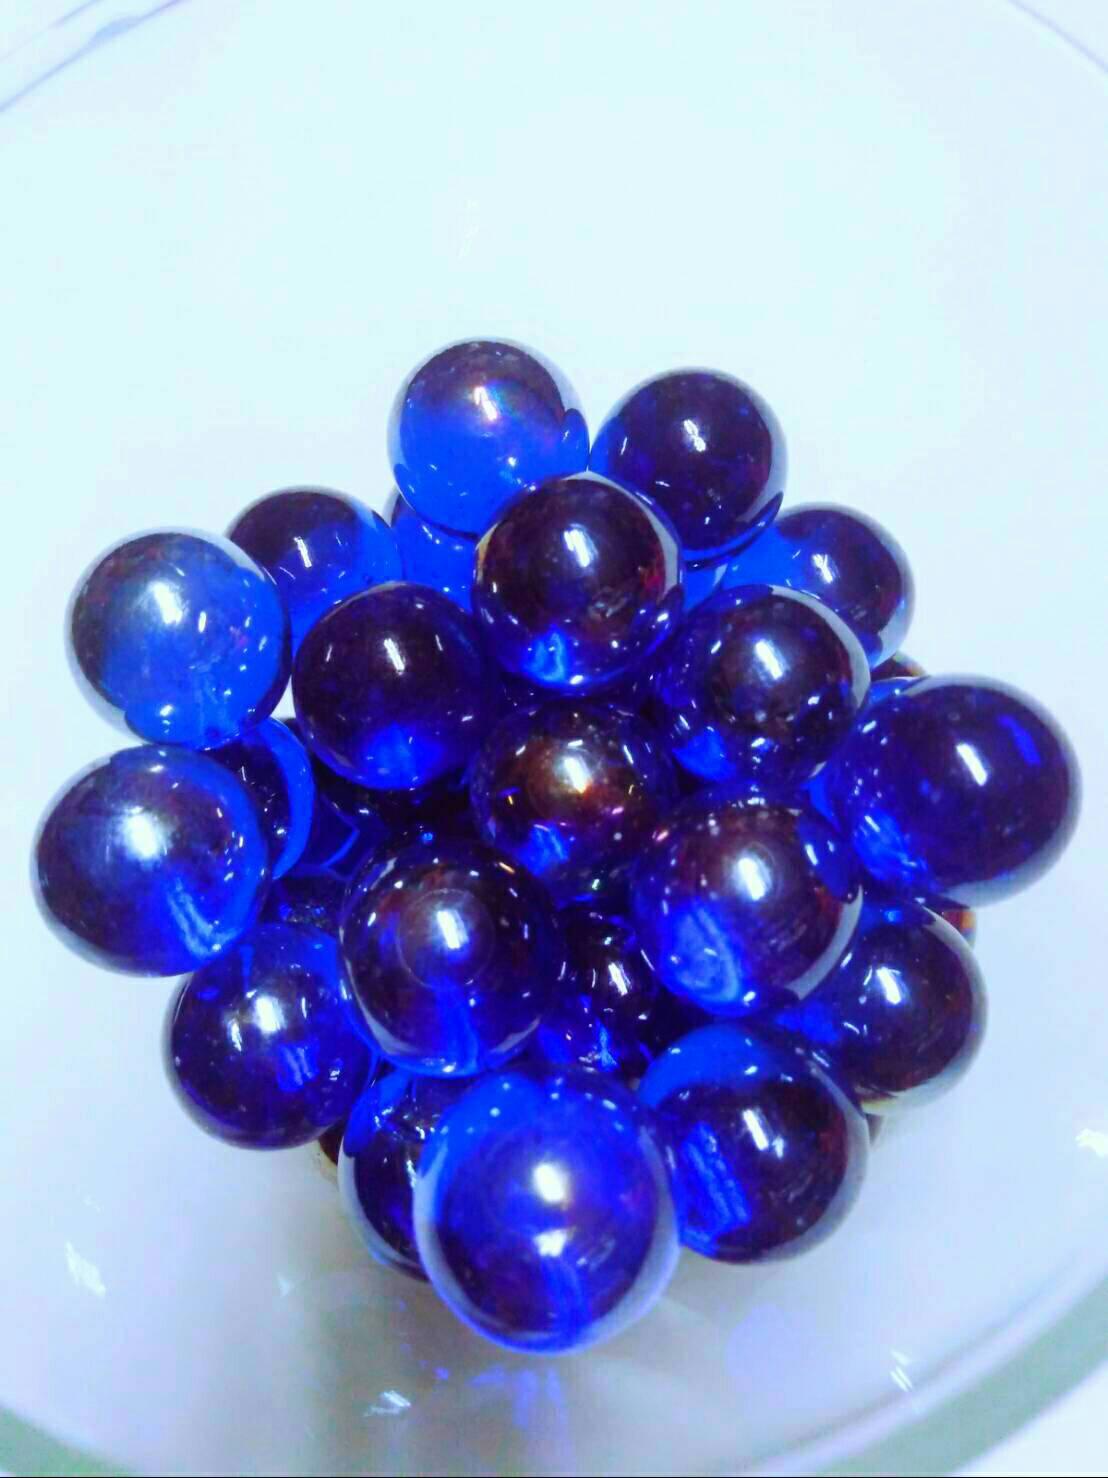 ลูกแก้วใส ขนาด 1.6 มล. ขาย 100ลูก 90 บาท Glass Marbles